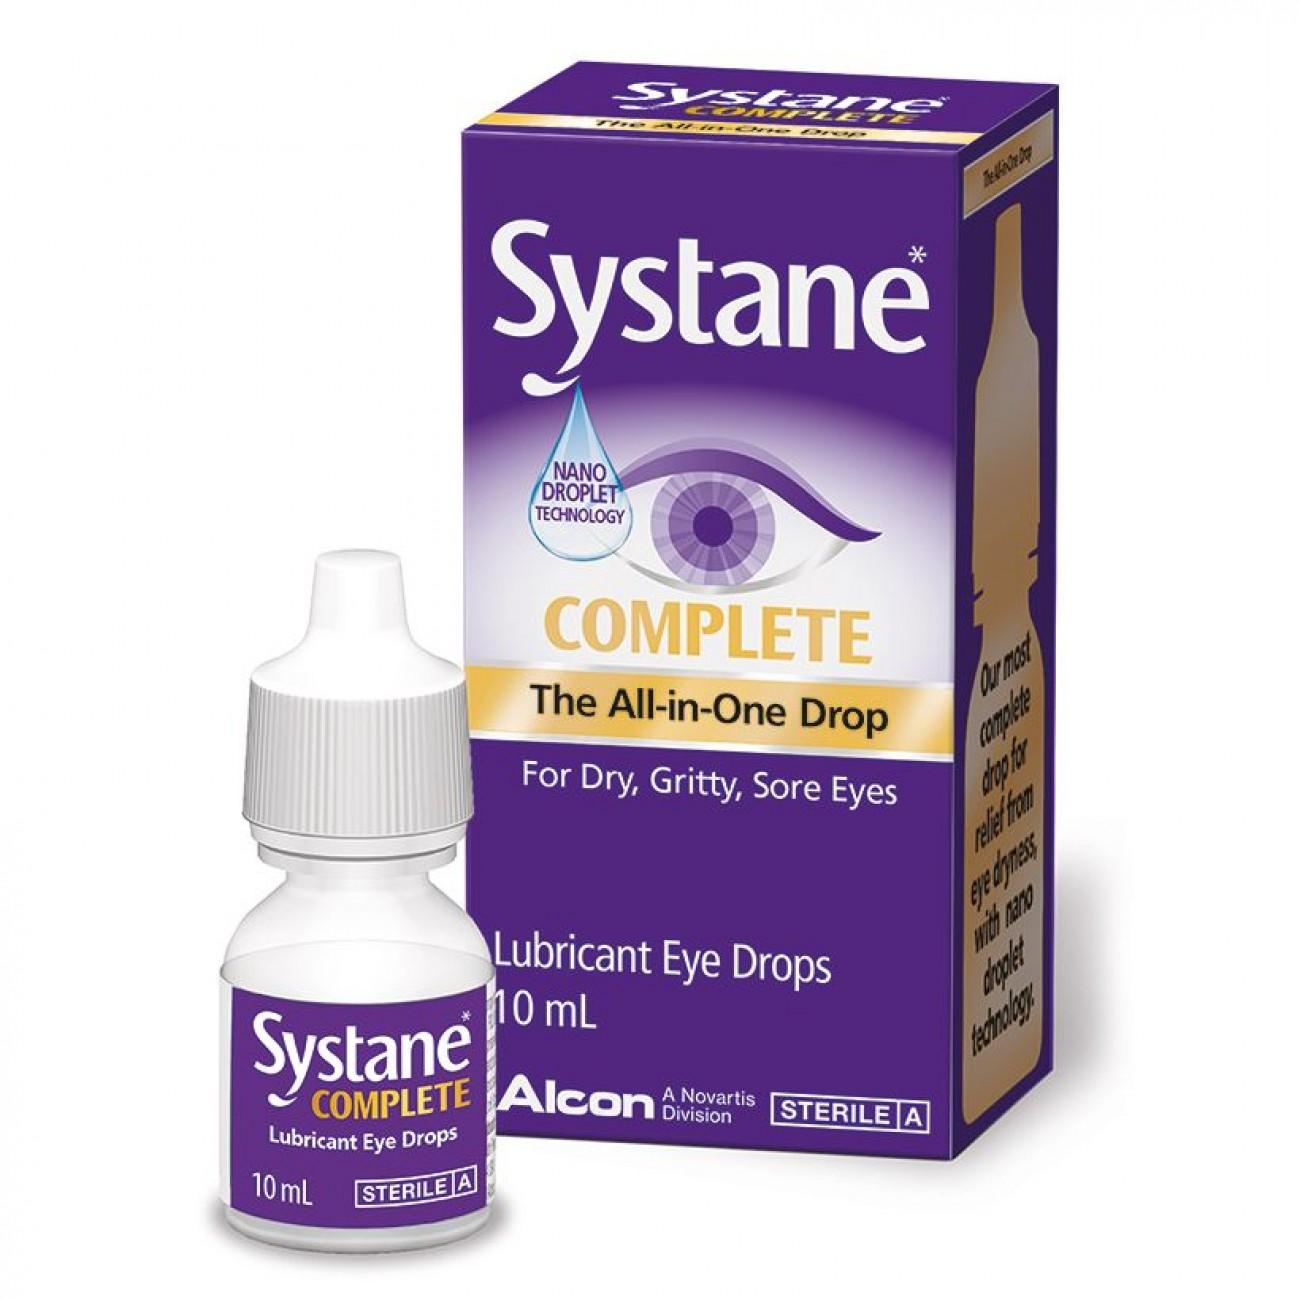 Systane Complete, 10 ml, Alcon drmax poza